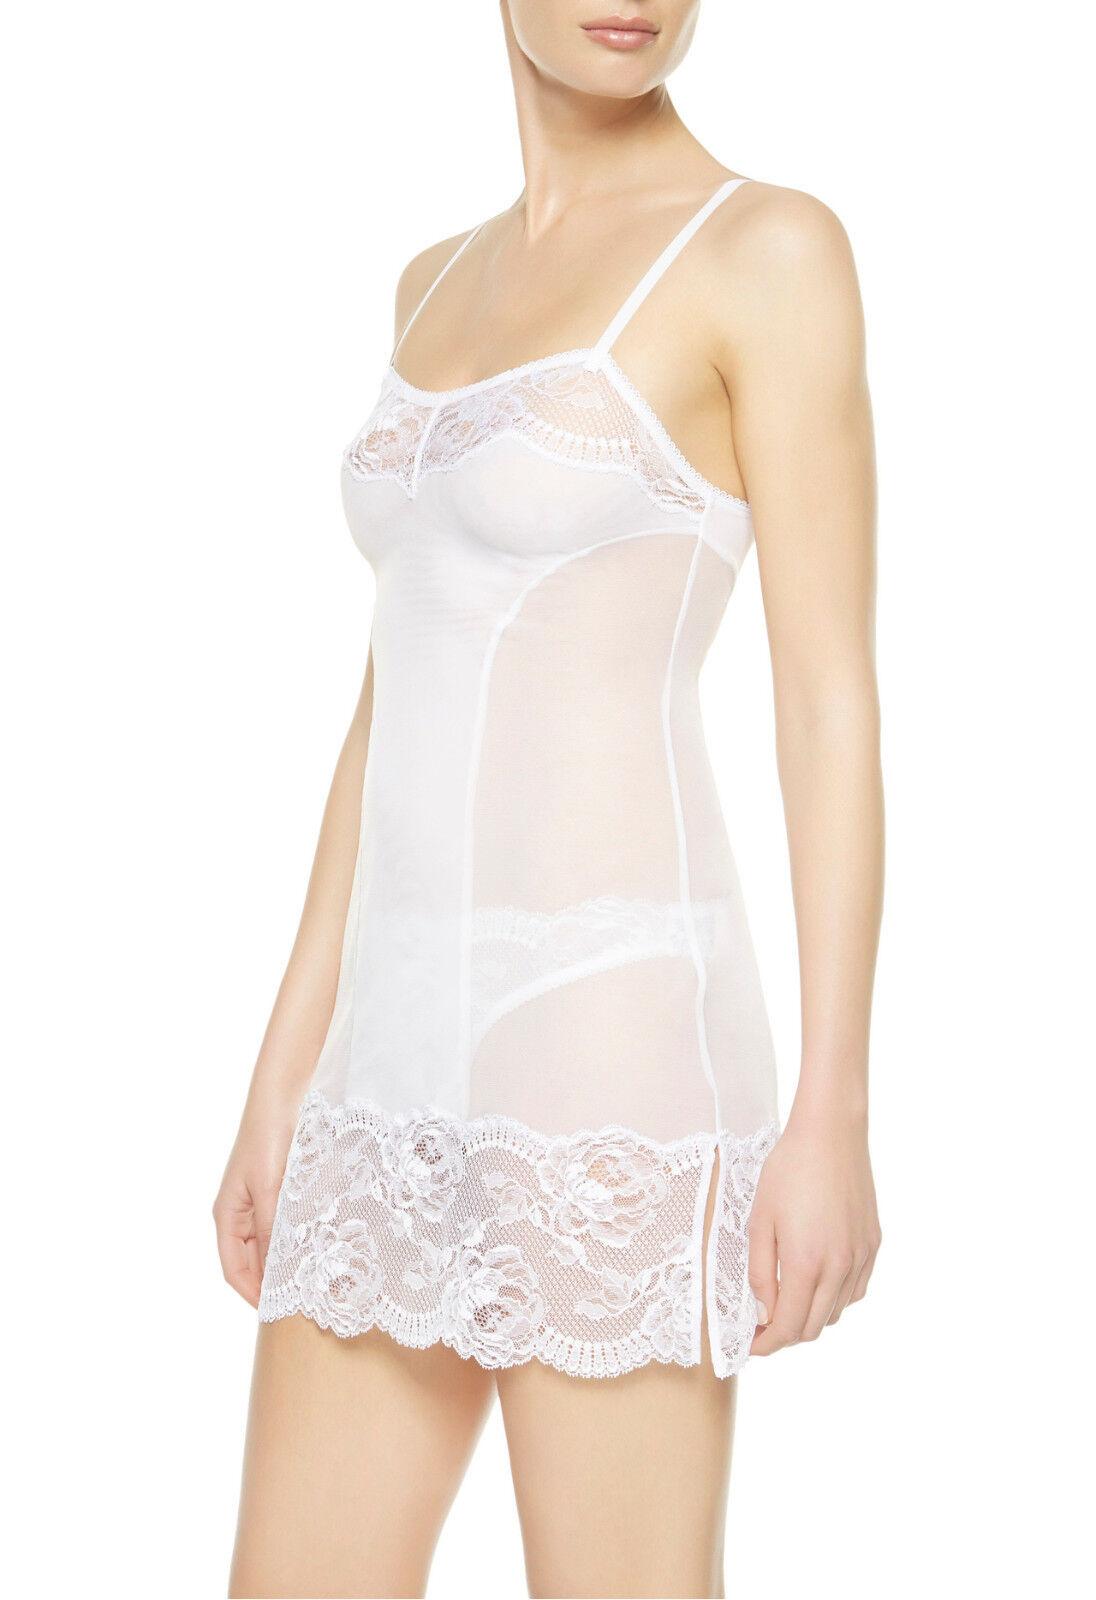 La Perla Begonia M Chemise Slip White Tulle Lace